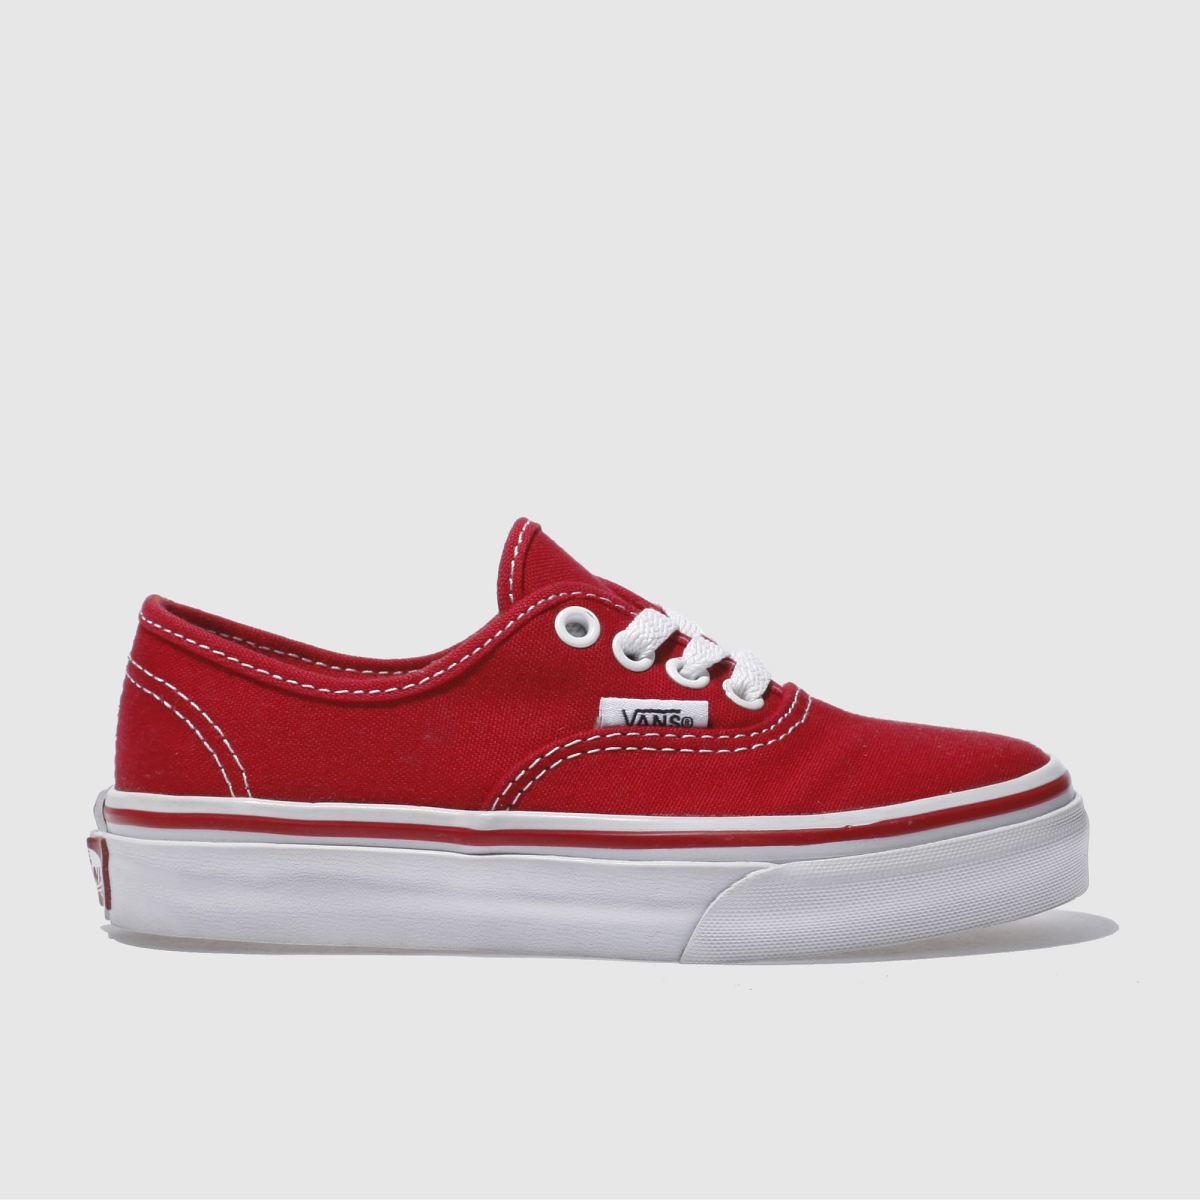 Vans Red Authentic Unisex Junior Junior